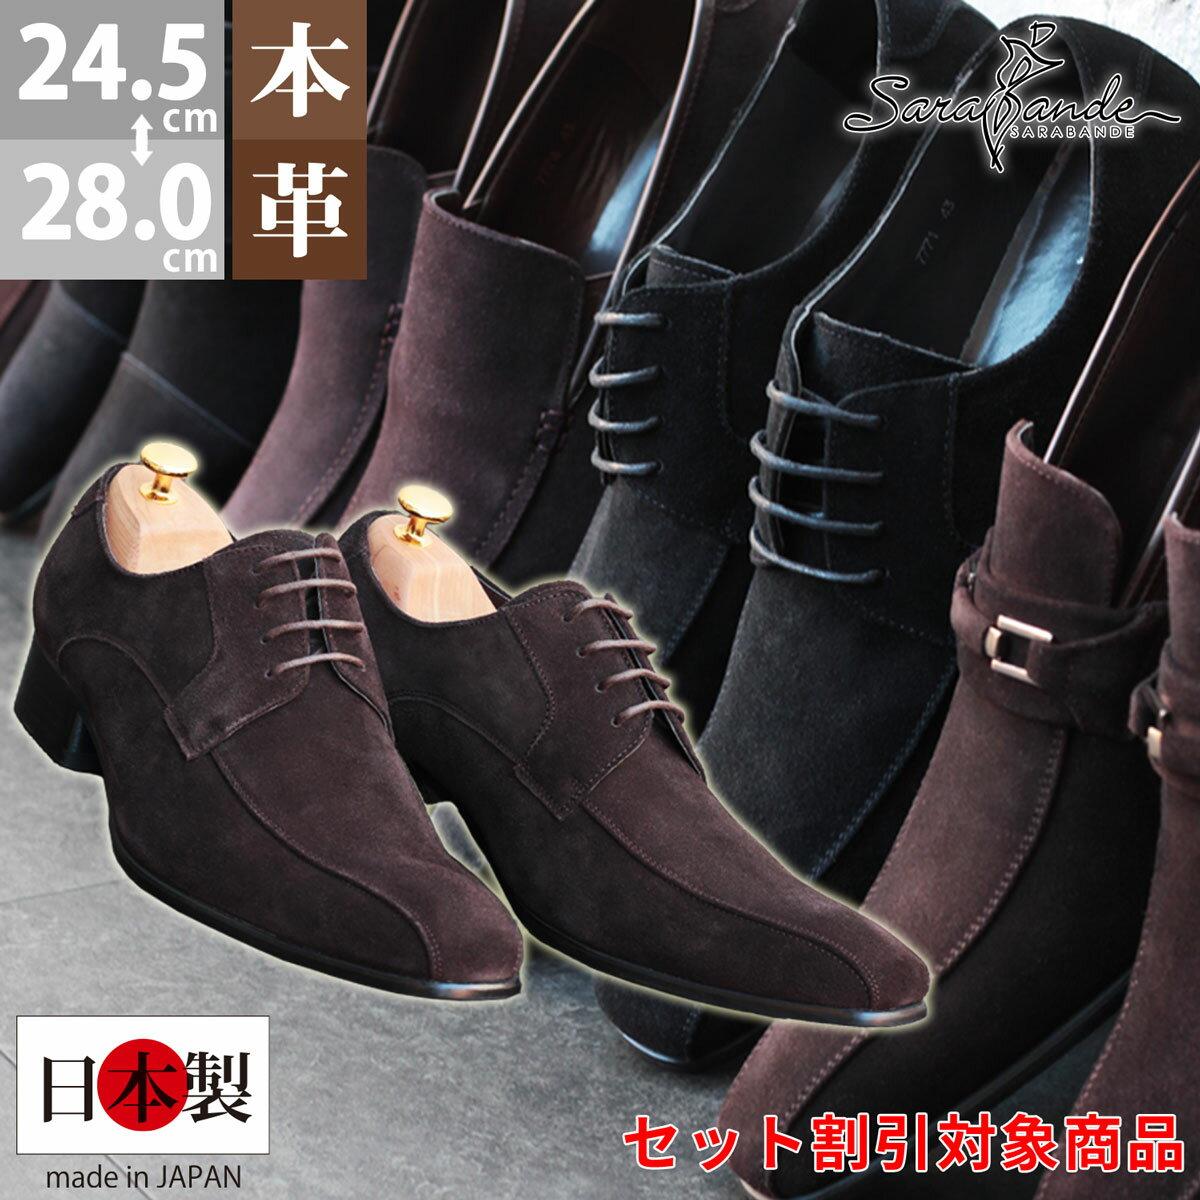 【送料無料】ビジネスシューズメンズ 日本製 本革 スエード ビジネス 革靴 紳士靴 ロングノーズ[SARABANDE サラバンド]24〜28cmまで 国産 スウェード 【2足で12000円(税別)セット】